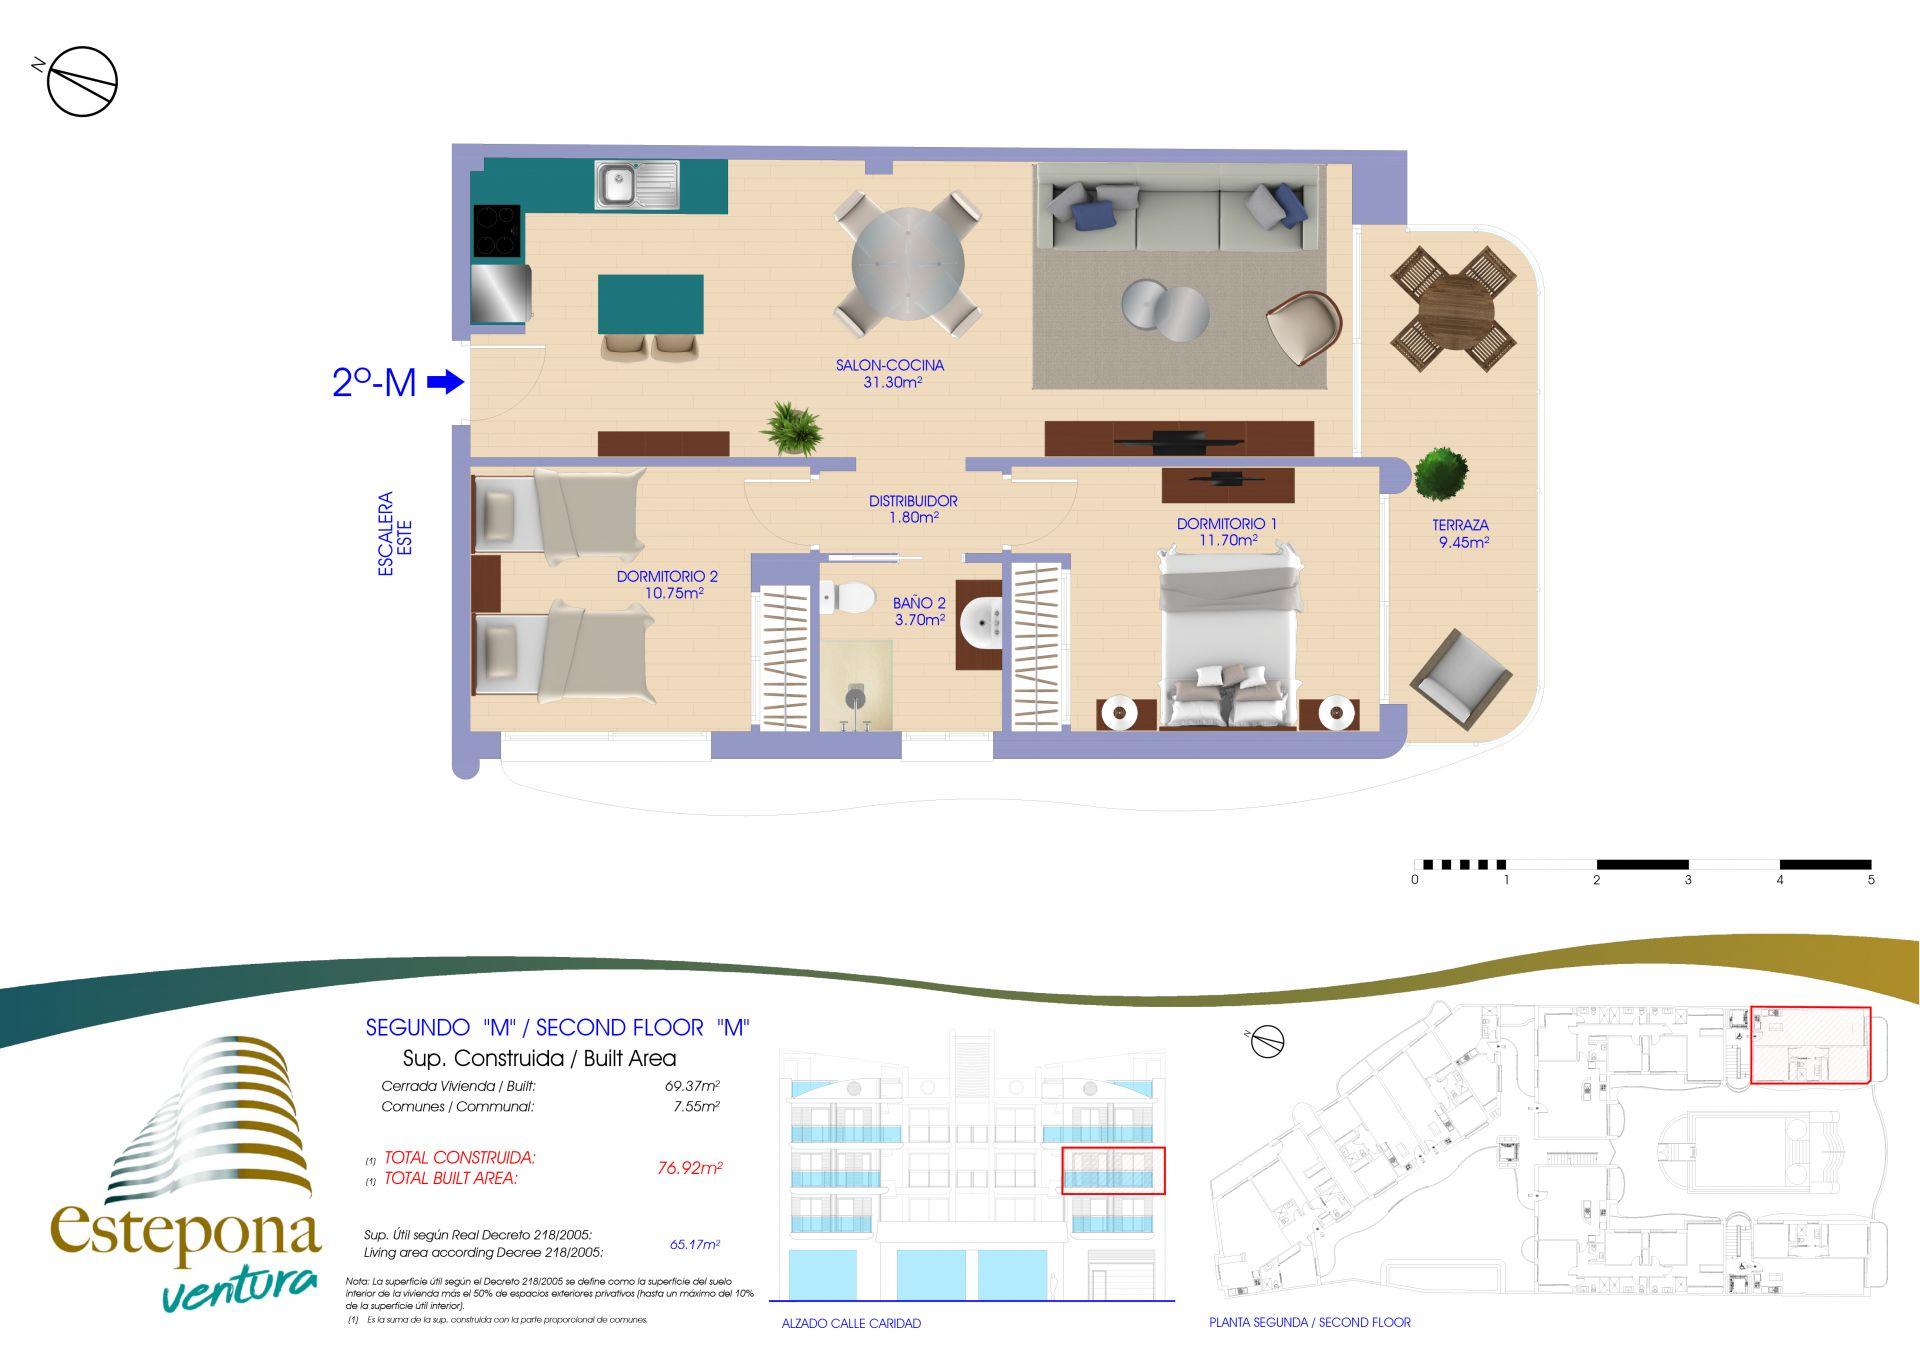 20201221 2º M  - Ventura Estepona | Compra de casa en Estepona